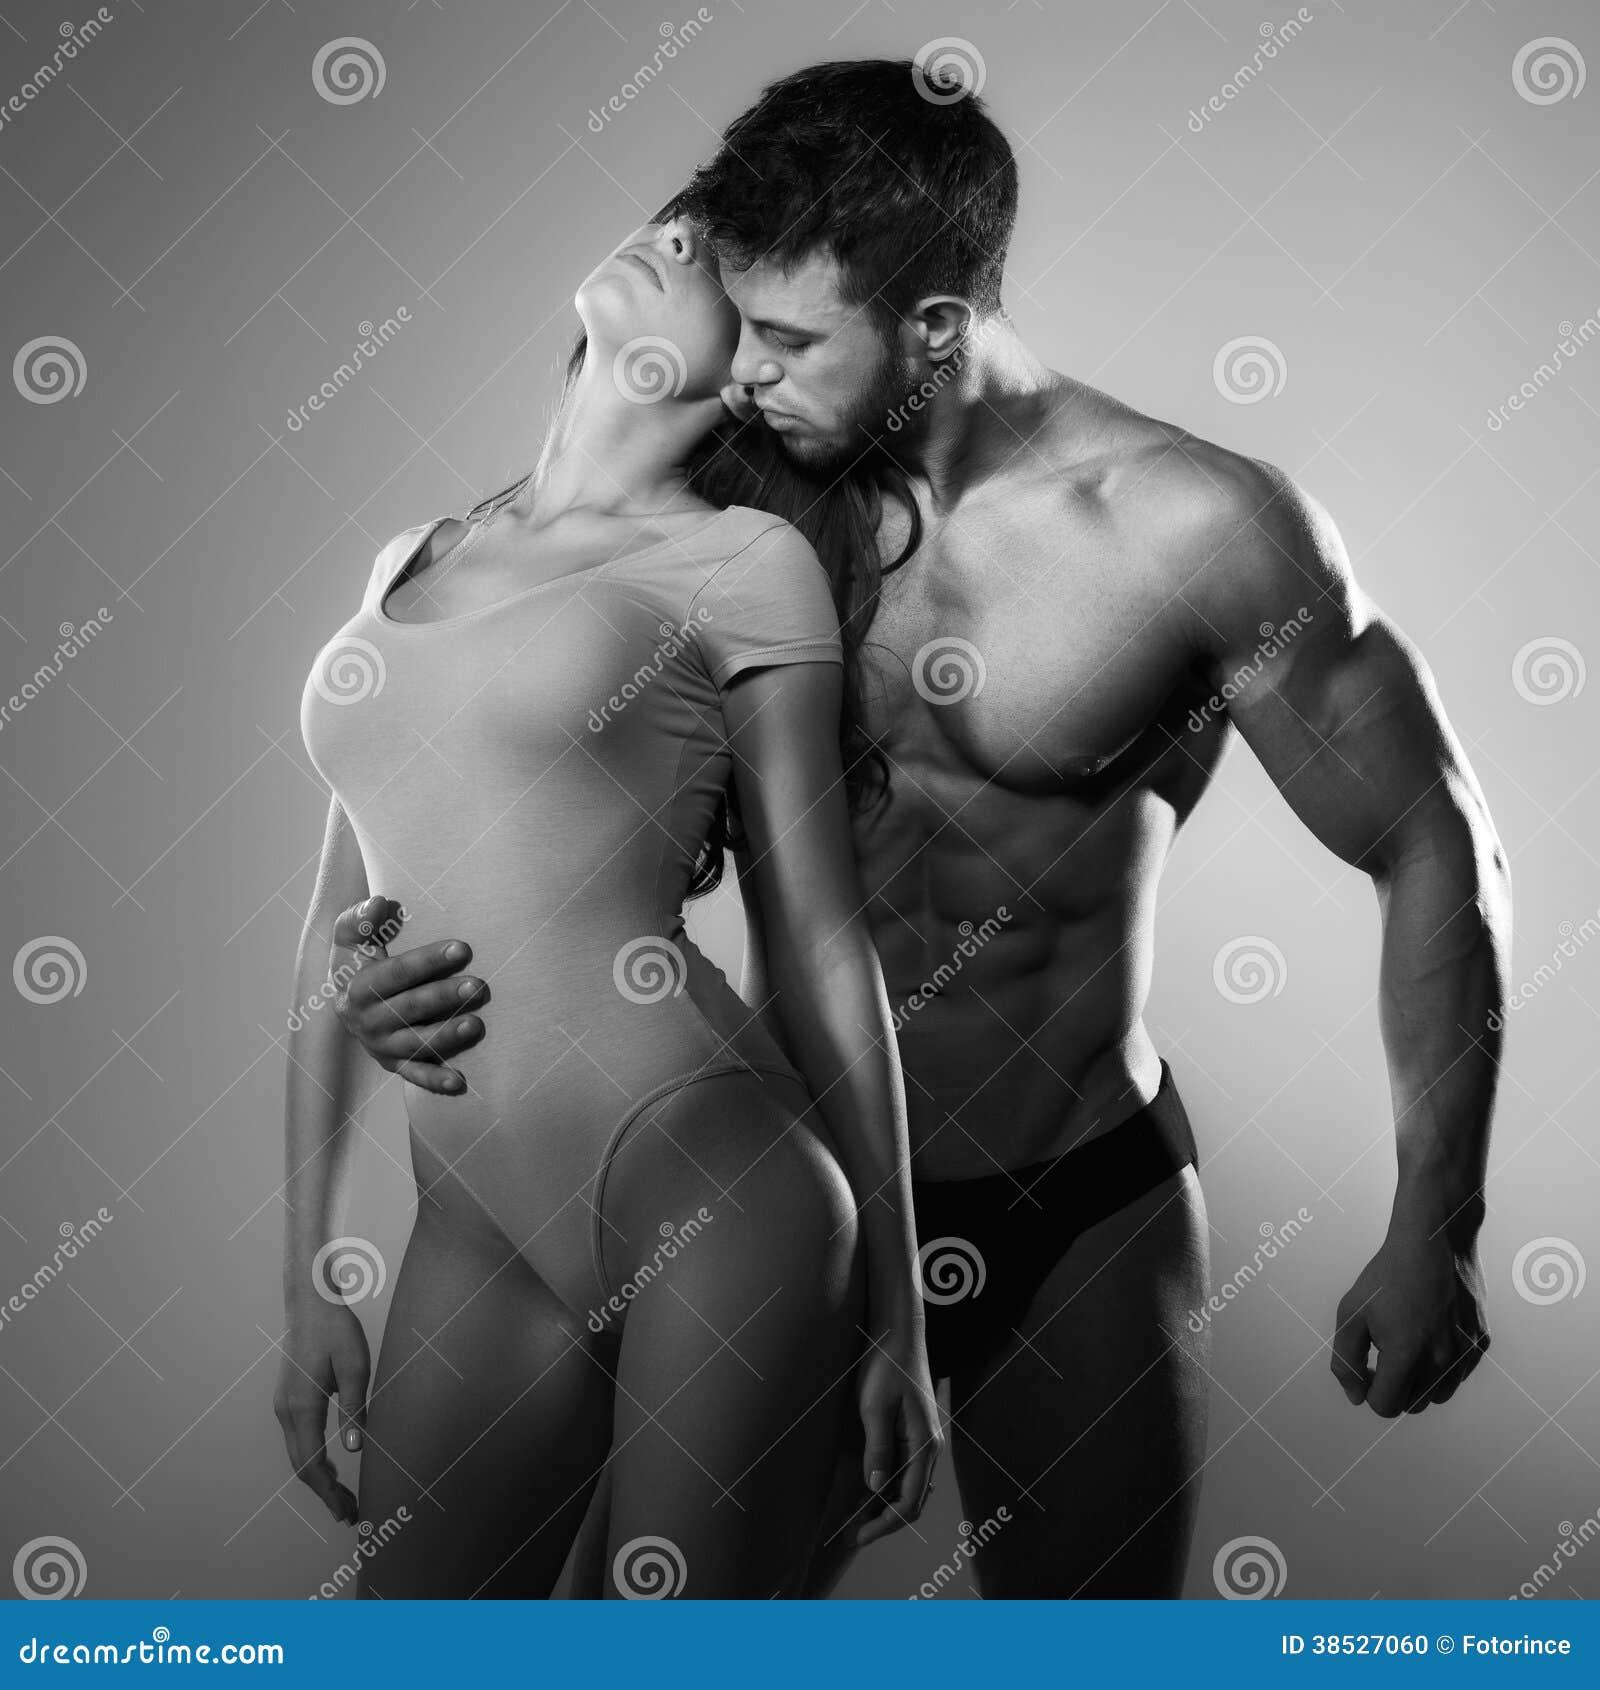 Mujer sobada por dos hombres, sexo explícito en